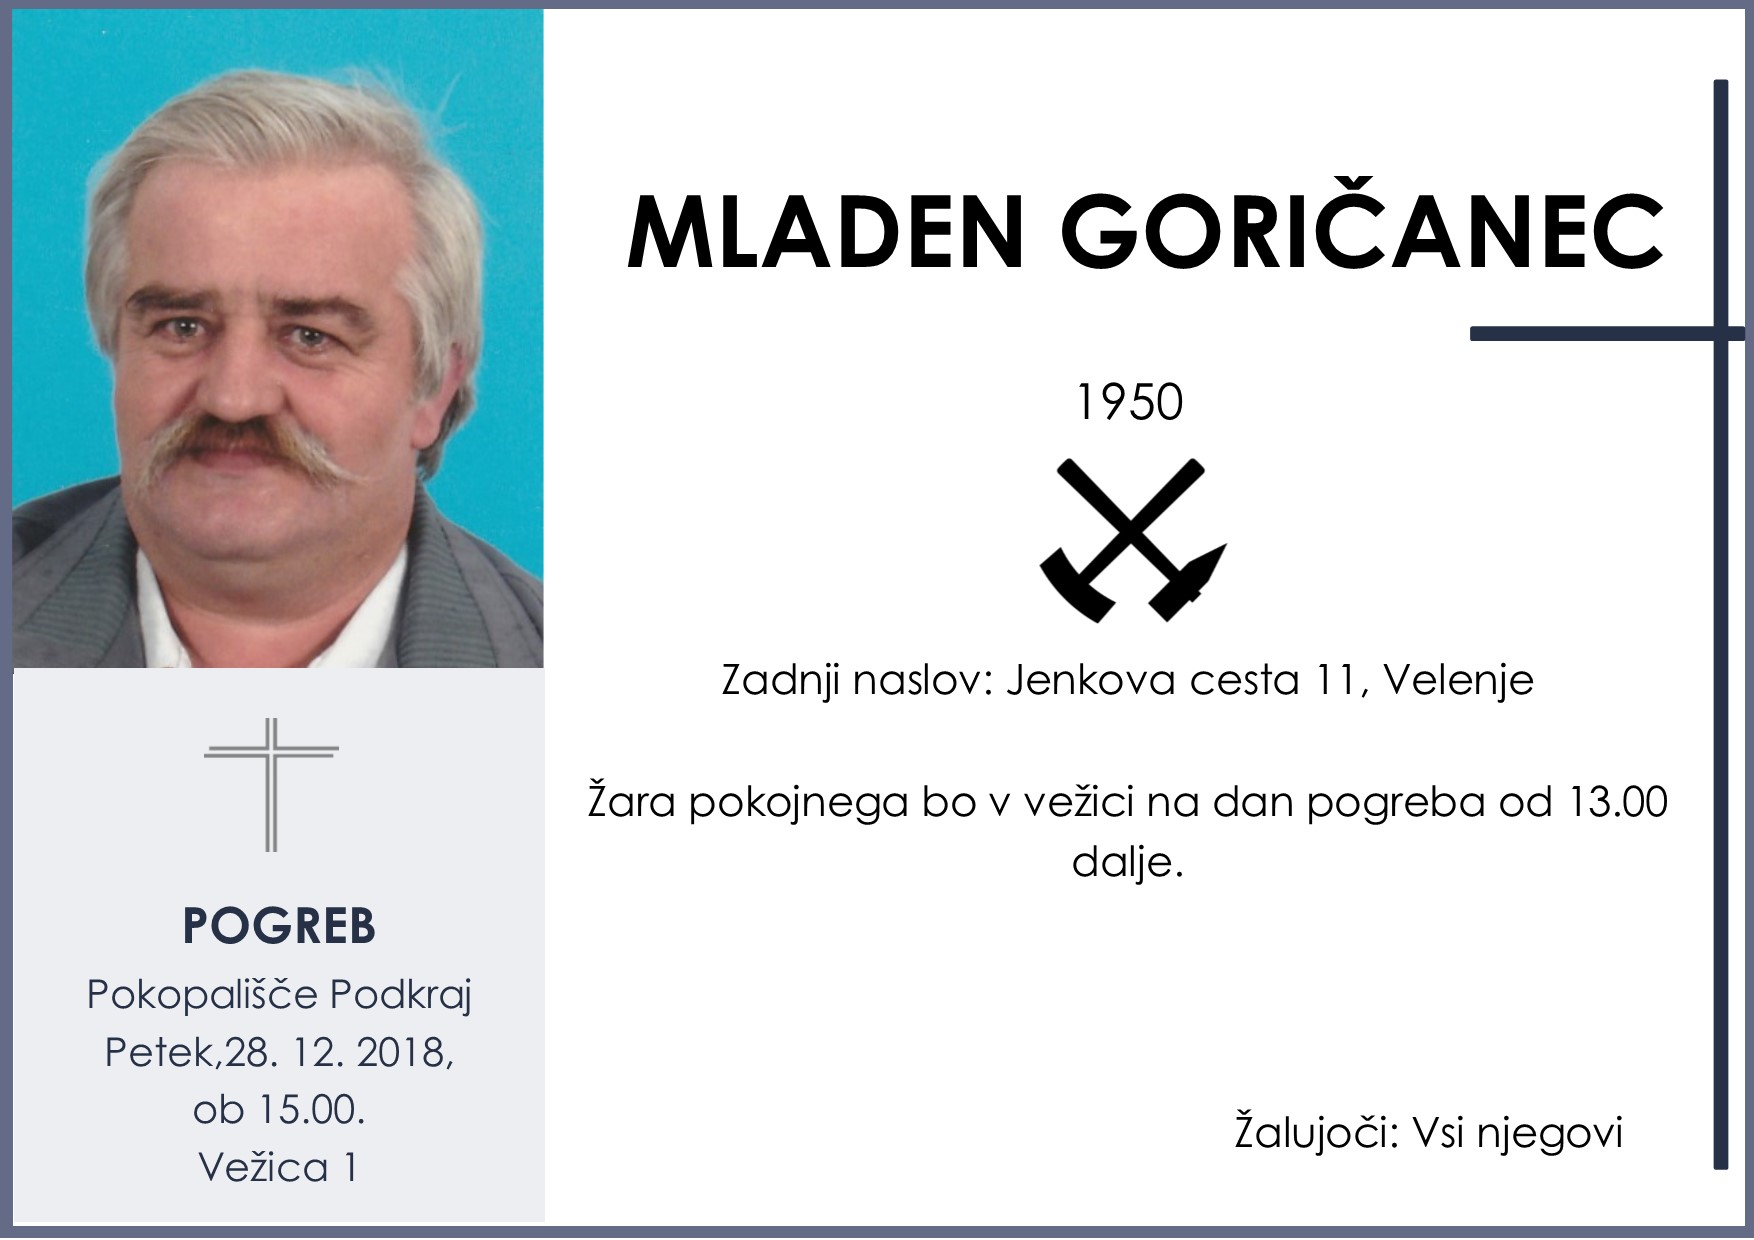 MLADEN GORIČANEC, Podkraj, 28. 12. 2018